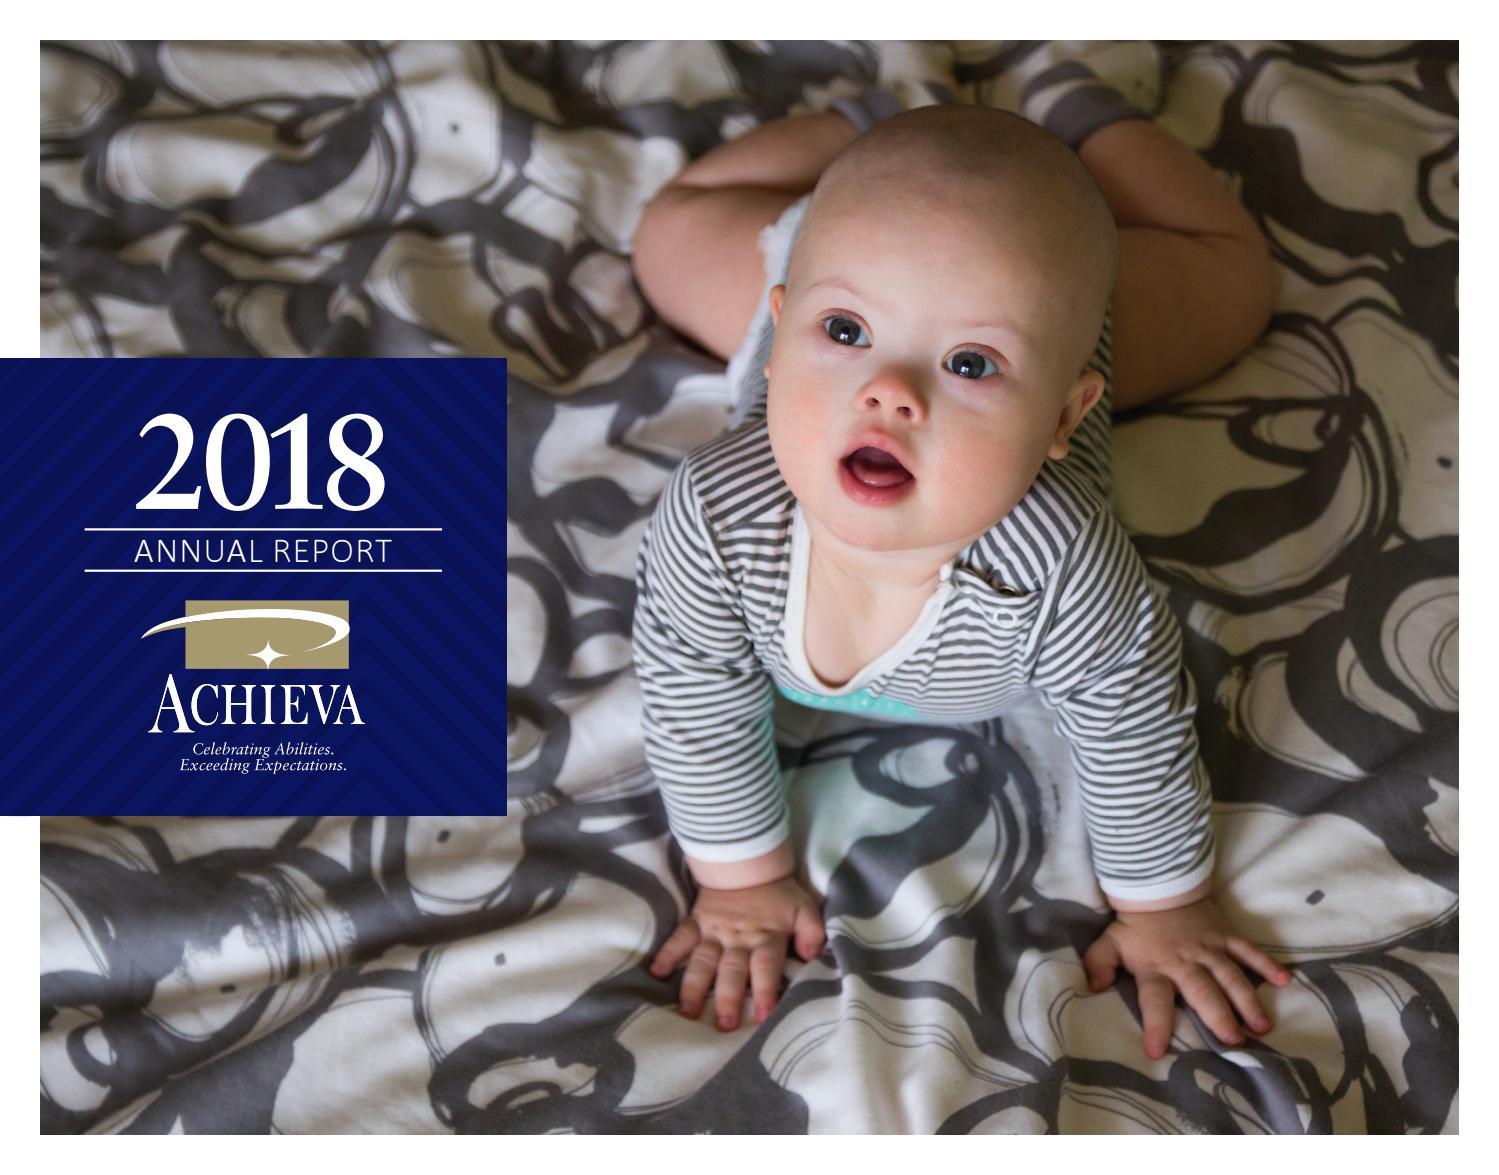 ACHIEVA 2017-2018 Annual Report by ACHIEVA - issuu